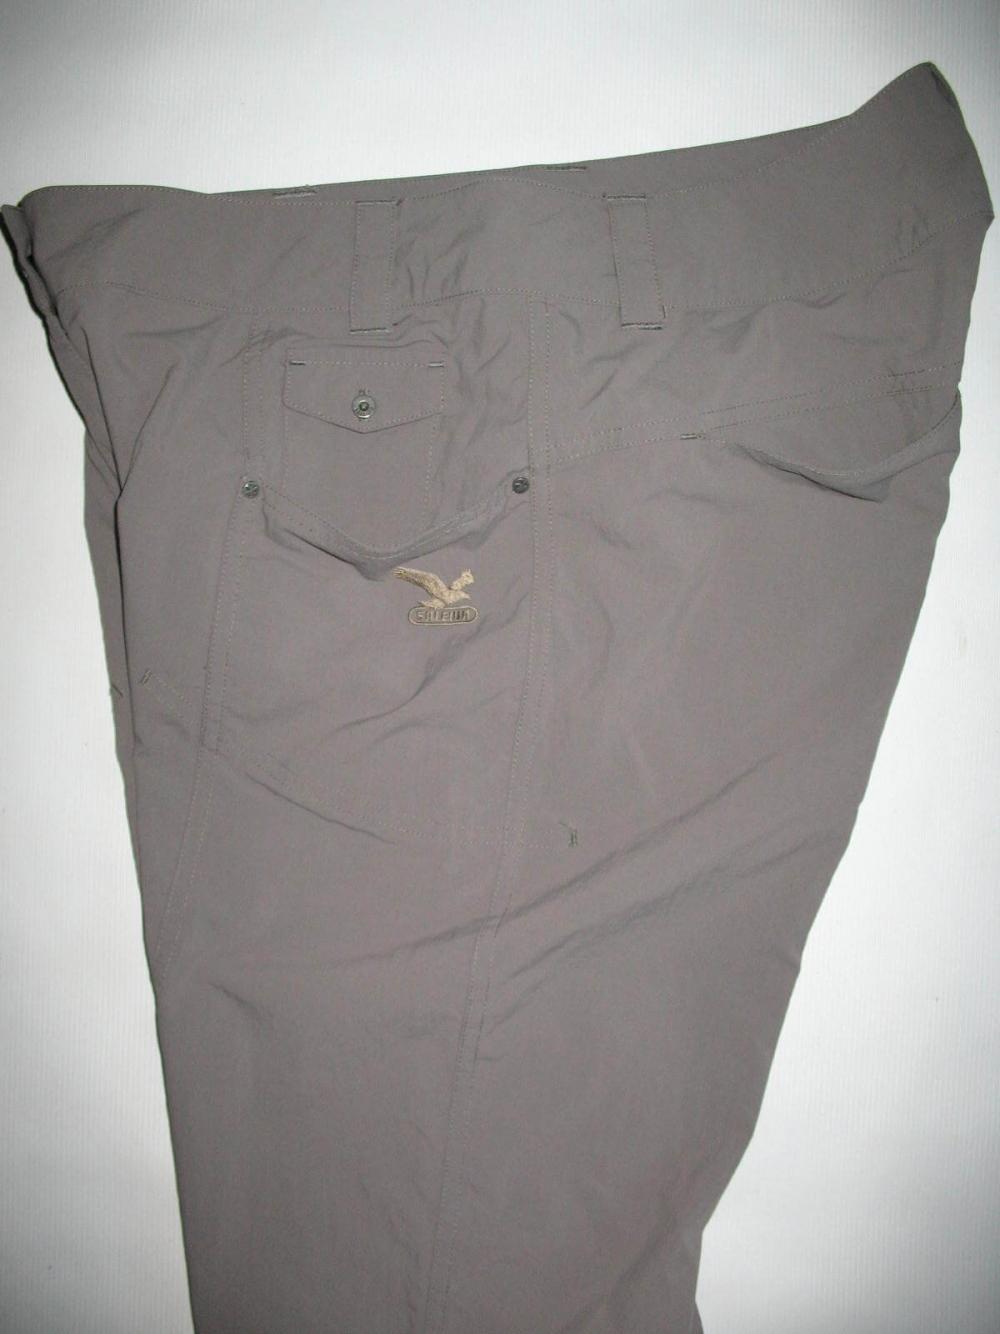 Бриджи SALEWA nola dry 3/4 pants lady (размер L) - 5